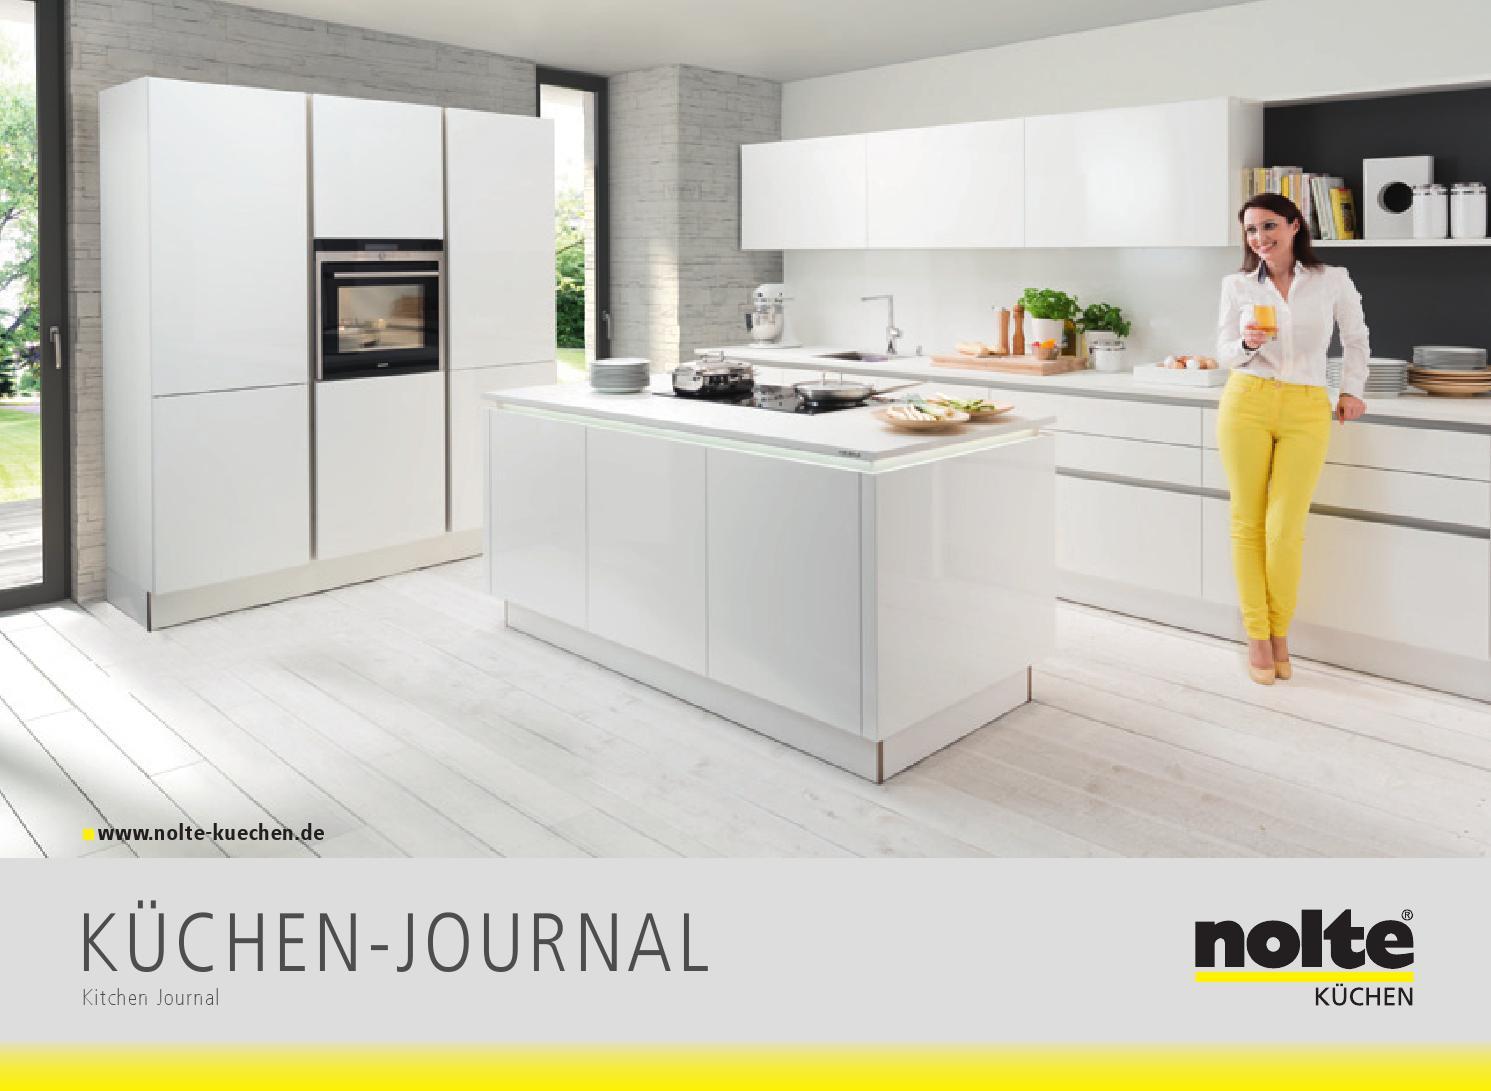 Full Size of Nolte Küchen Glasfront Meyer Kchen Journal 2015 By Perspektive Werbeagentur Küche Betten Schlafzimmer Regal Wohnzimmer Nolte Küchen Glasfront